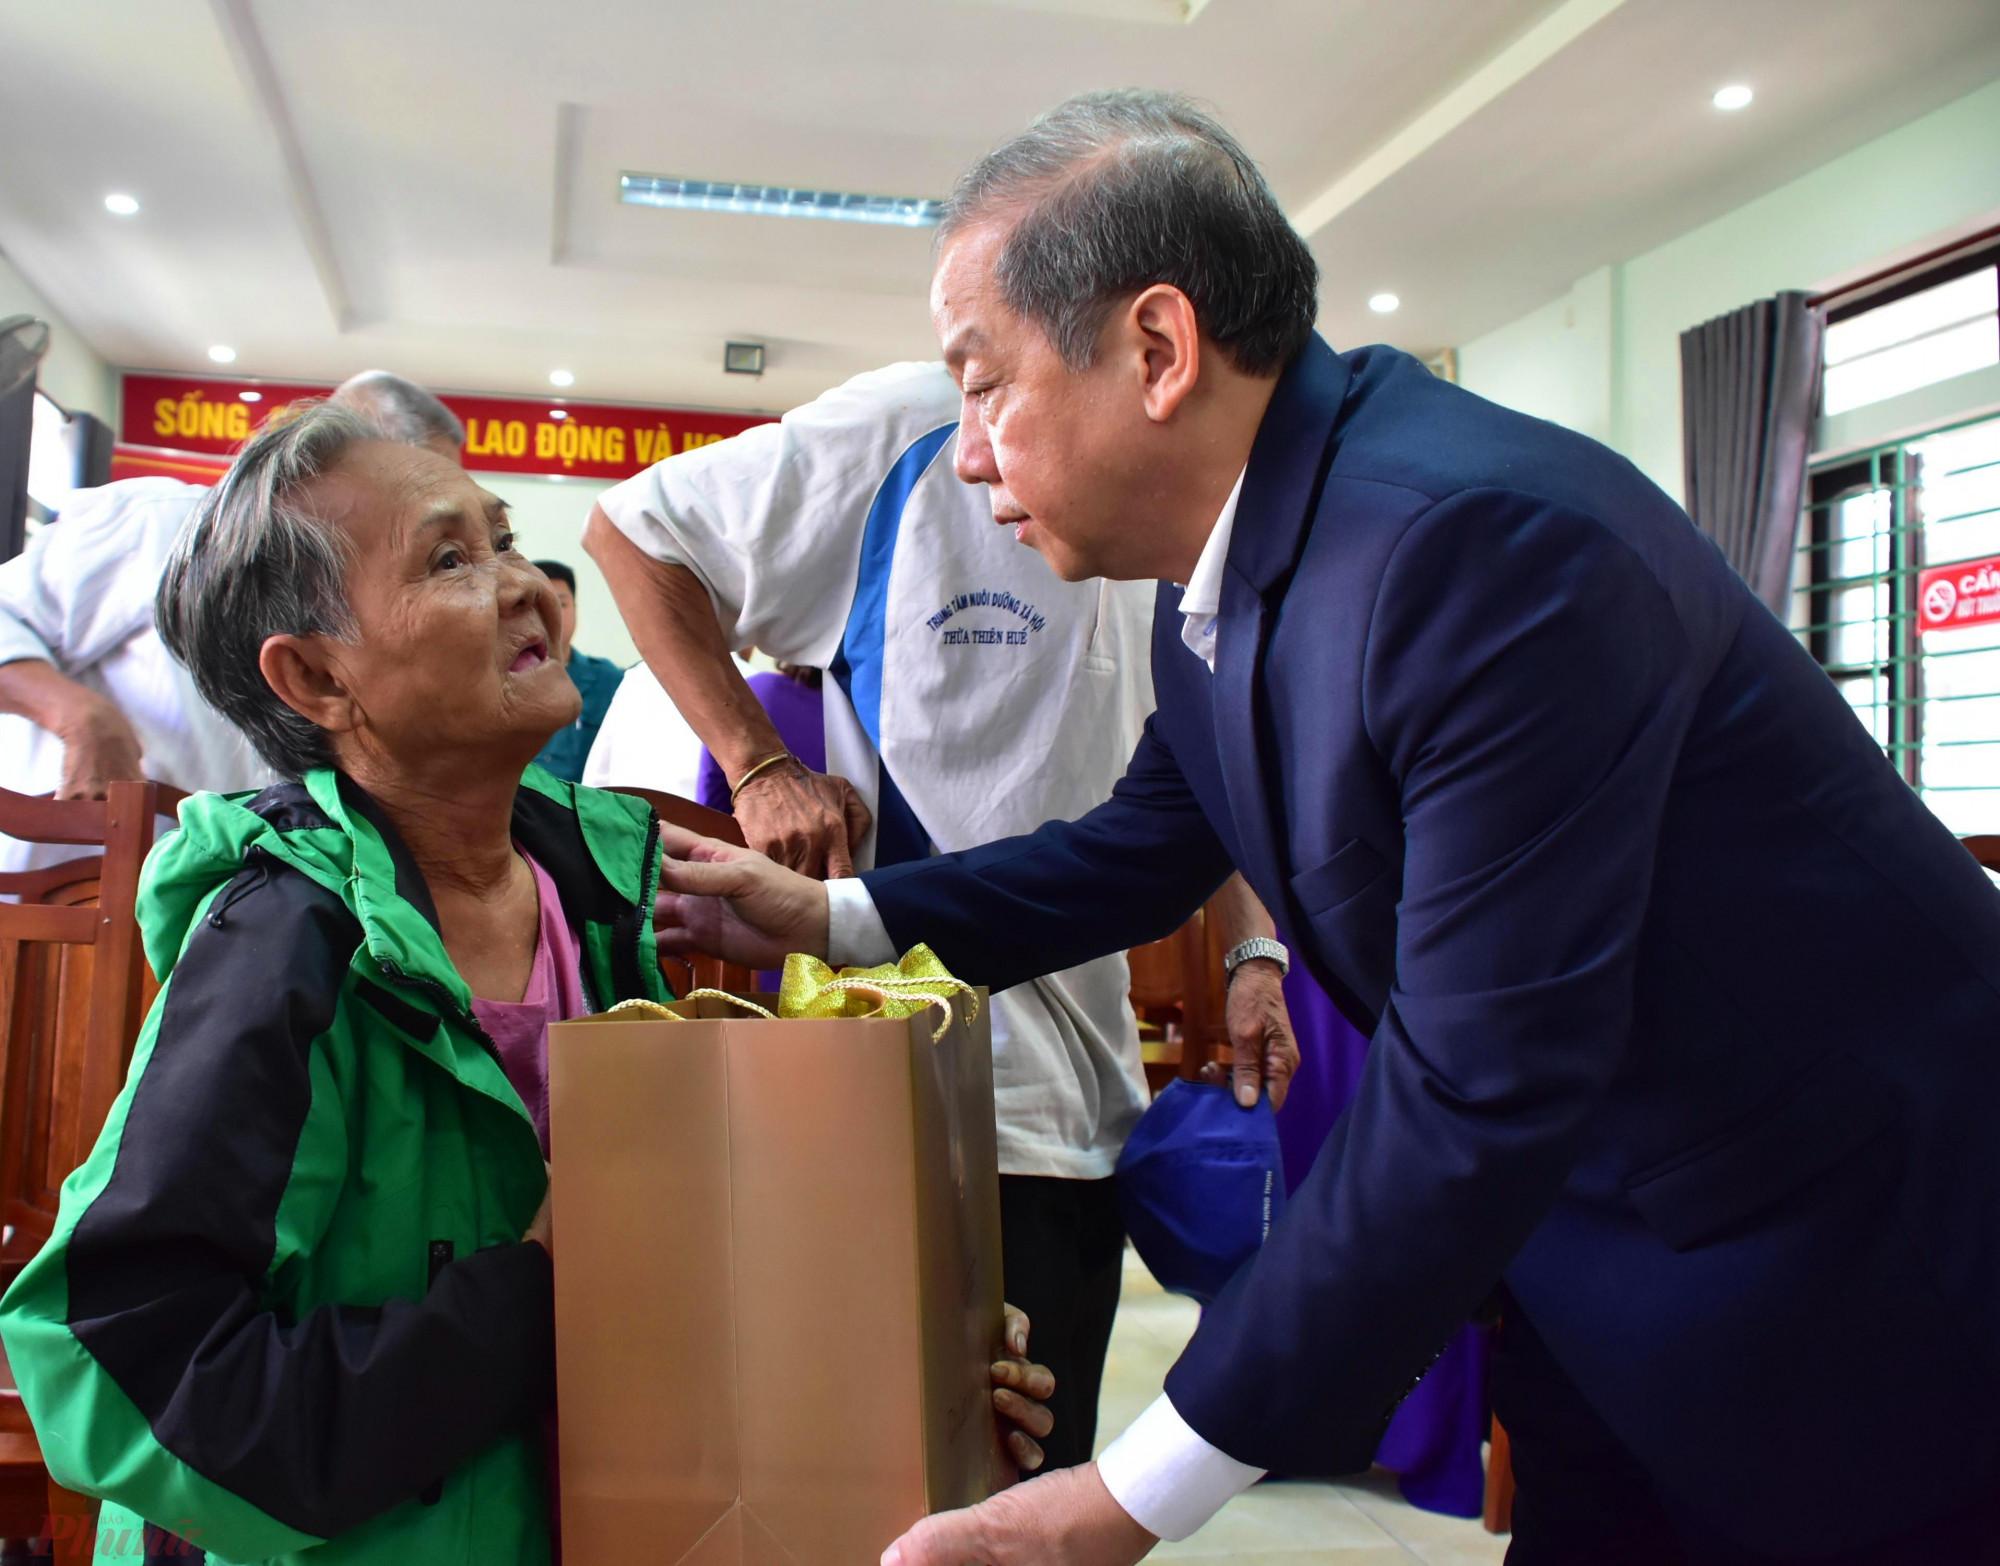 """Ông Thọ mong muốn những hộ dân được nhận quà Tết hôm nay phải là những """"hộ cận giàu"""" thay vì những hộ nghèo sau khi đến định cư tại nơi ở mới"""